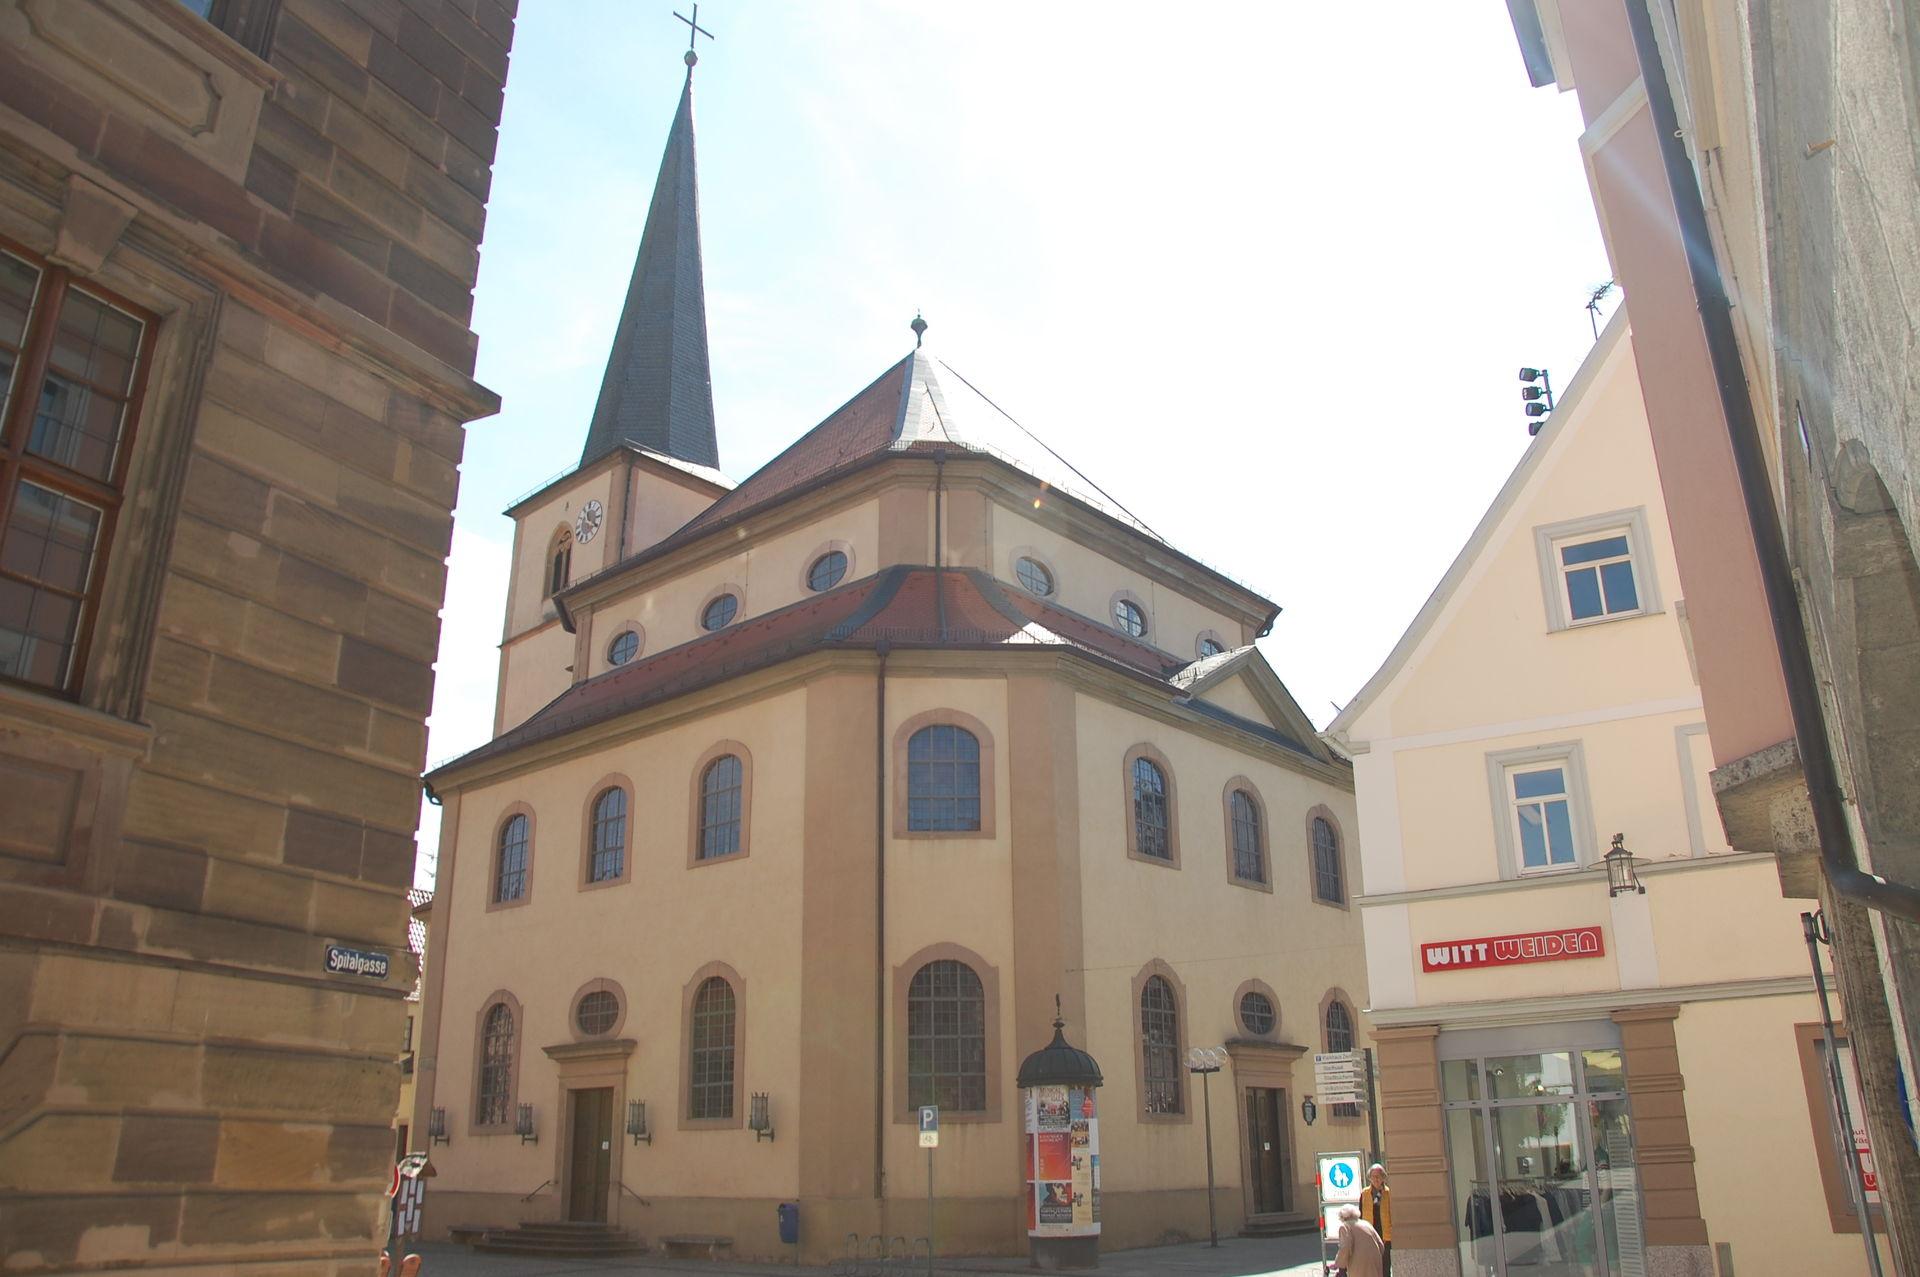 Blick auf die St. Jakobus Kirche in Bad Kissingen